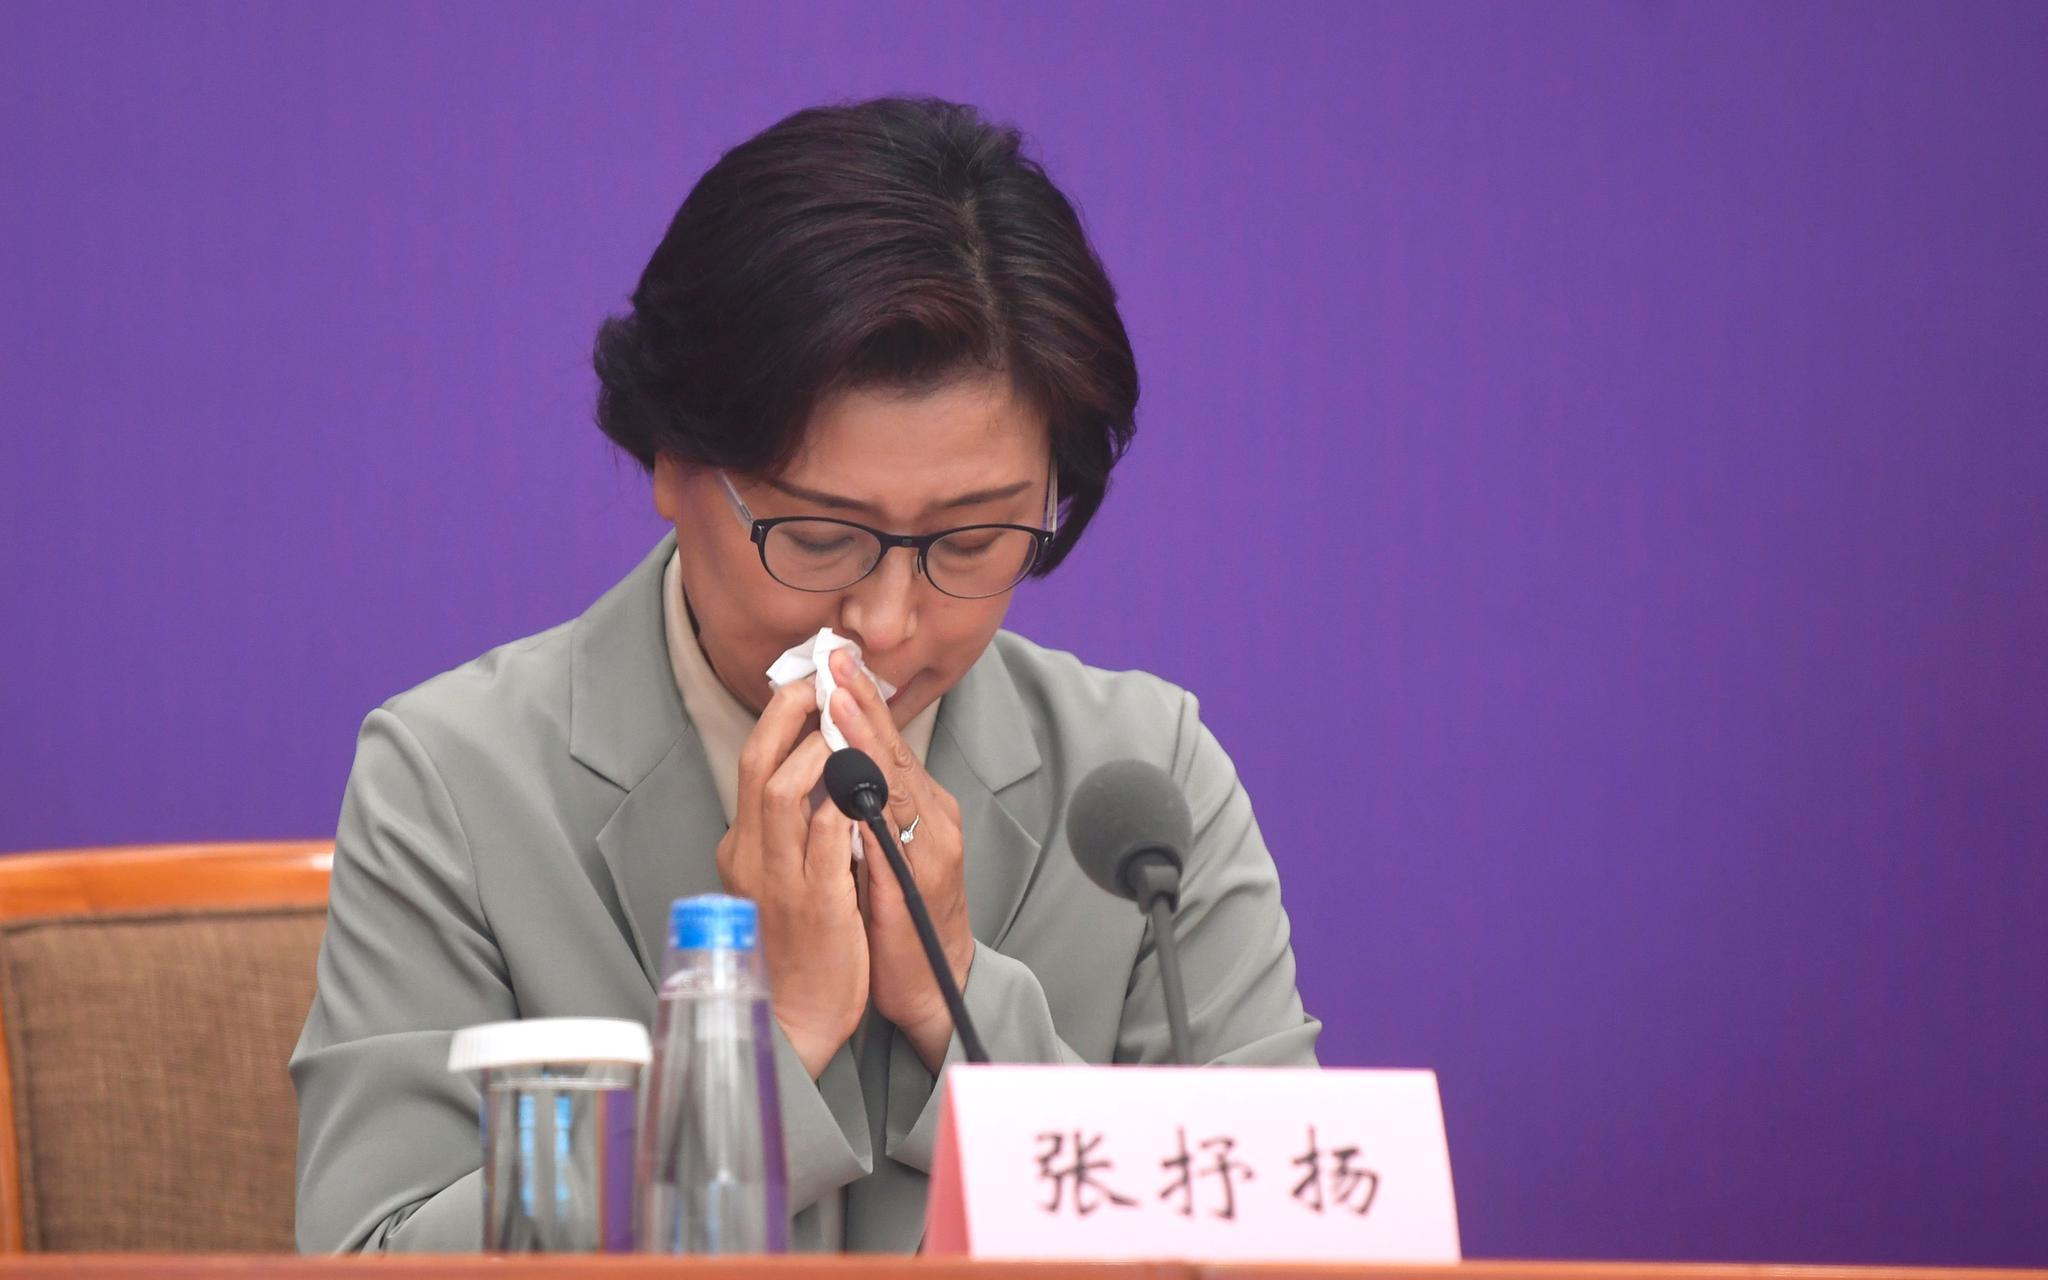 國務院發布會上 北京協和醫院援鄂醫療隊領隊數次哽咽圖片